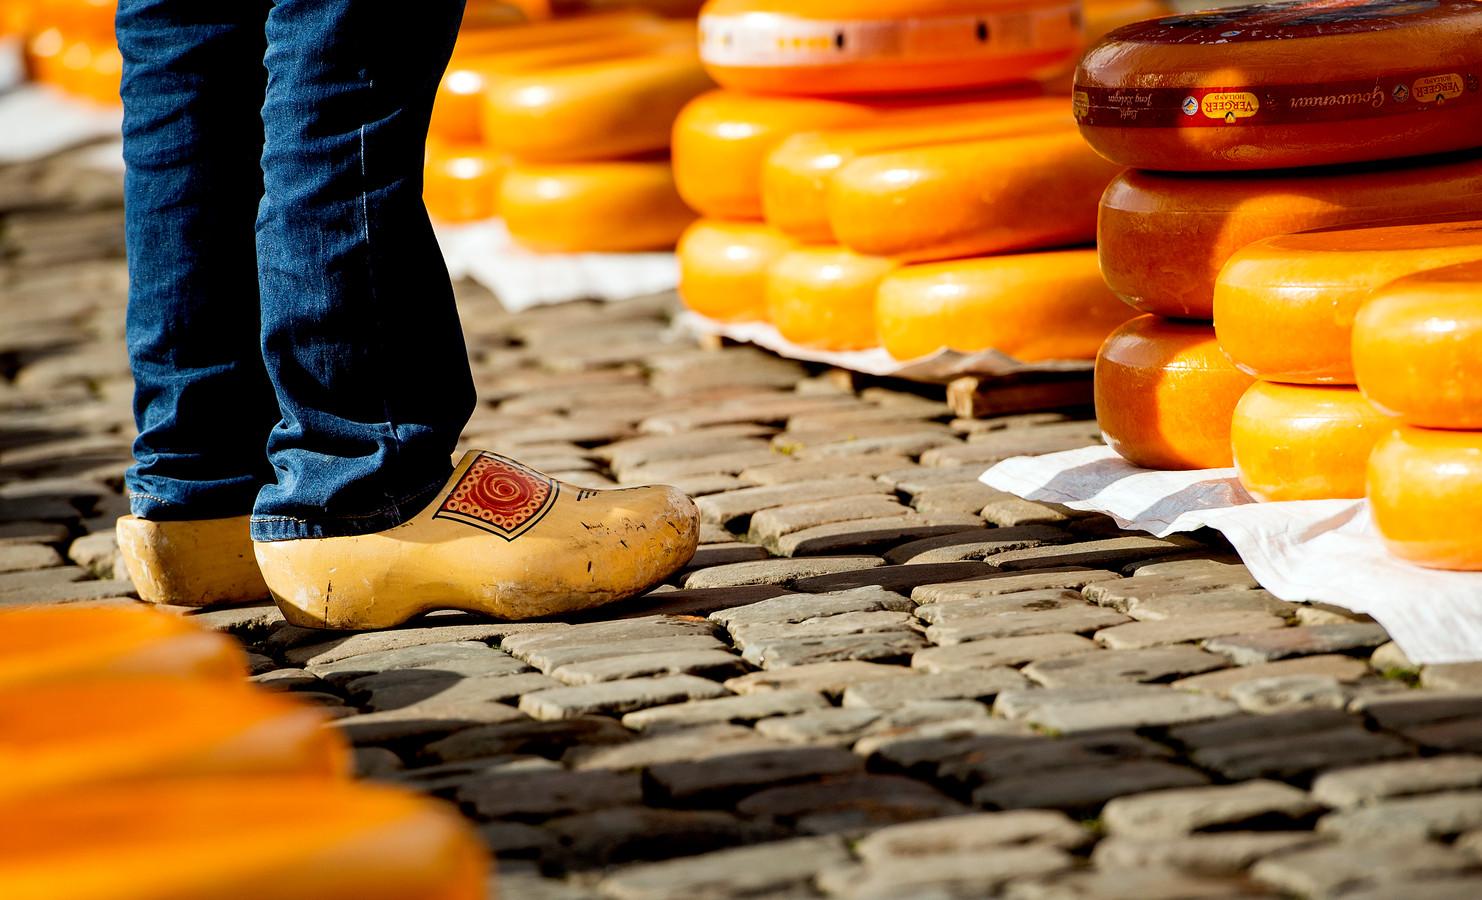 Typisch Nederlandse souvenirs als houten klompen worden door de coronacrisis amper nog verkocht.